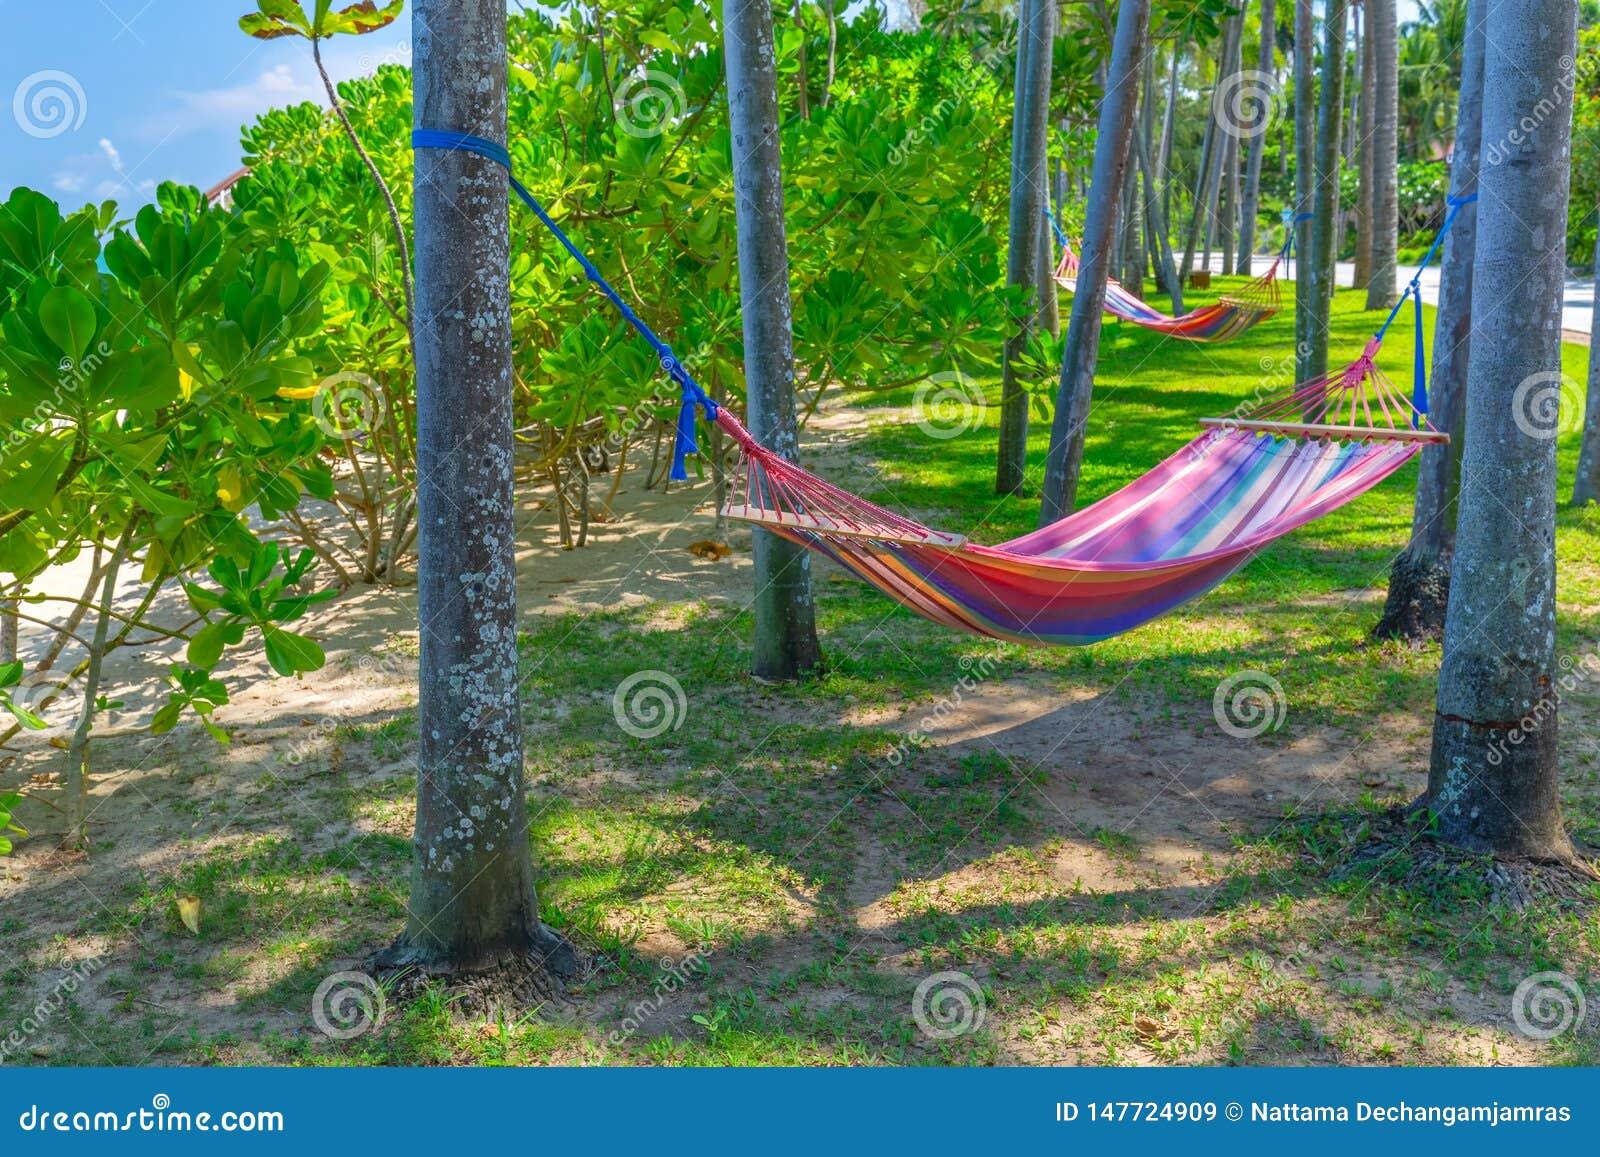 Hamac entre les palmiers sur la plage tropicale ?le de paradis pour des vacances et la relaxation